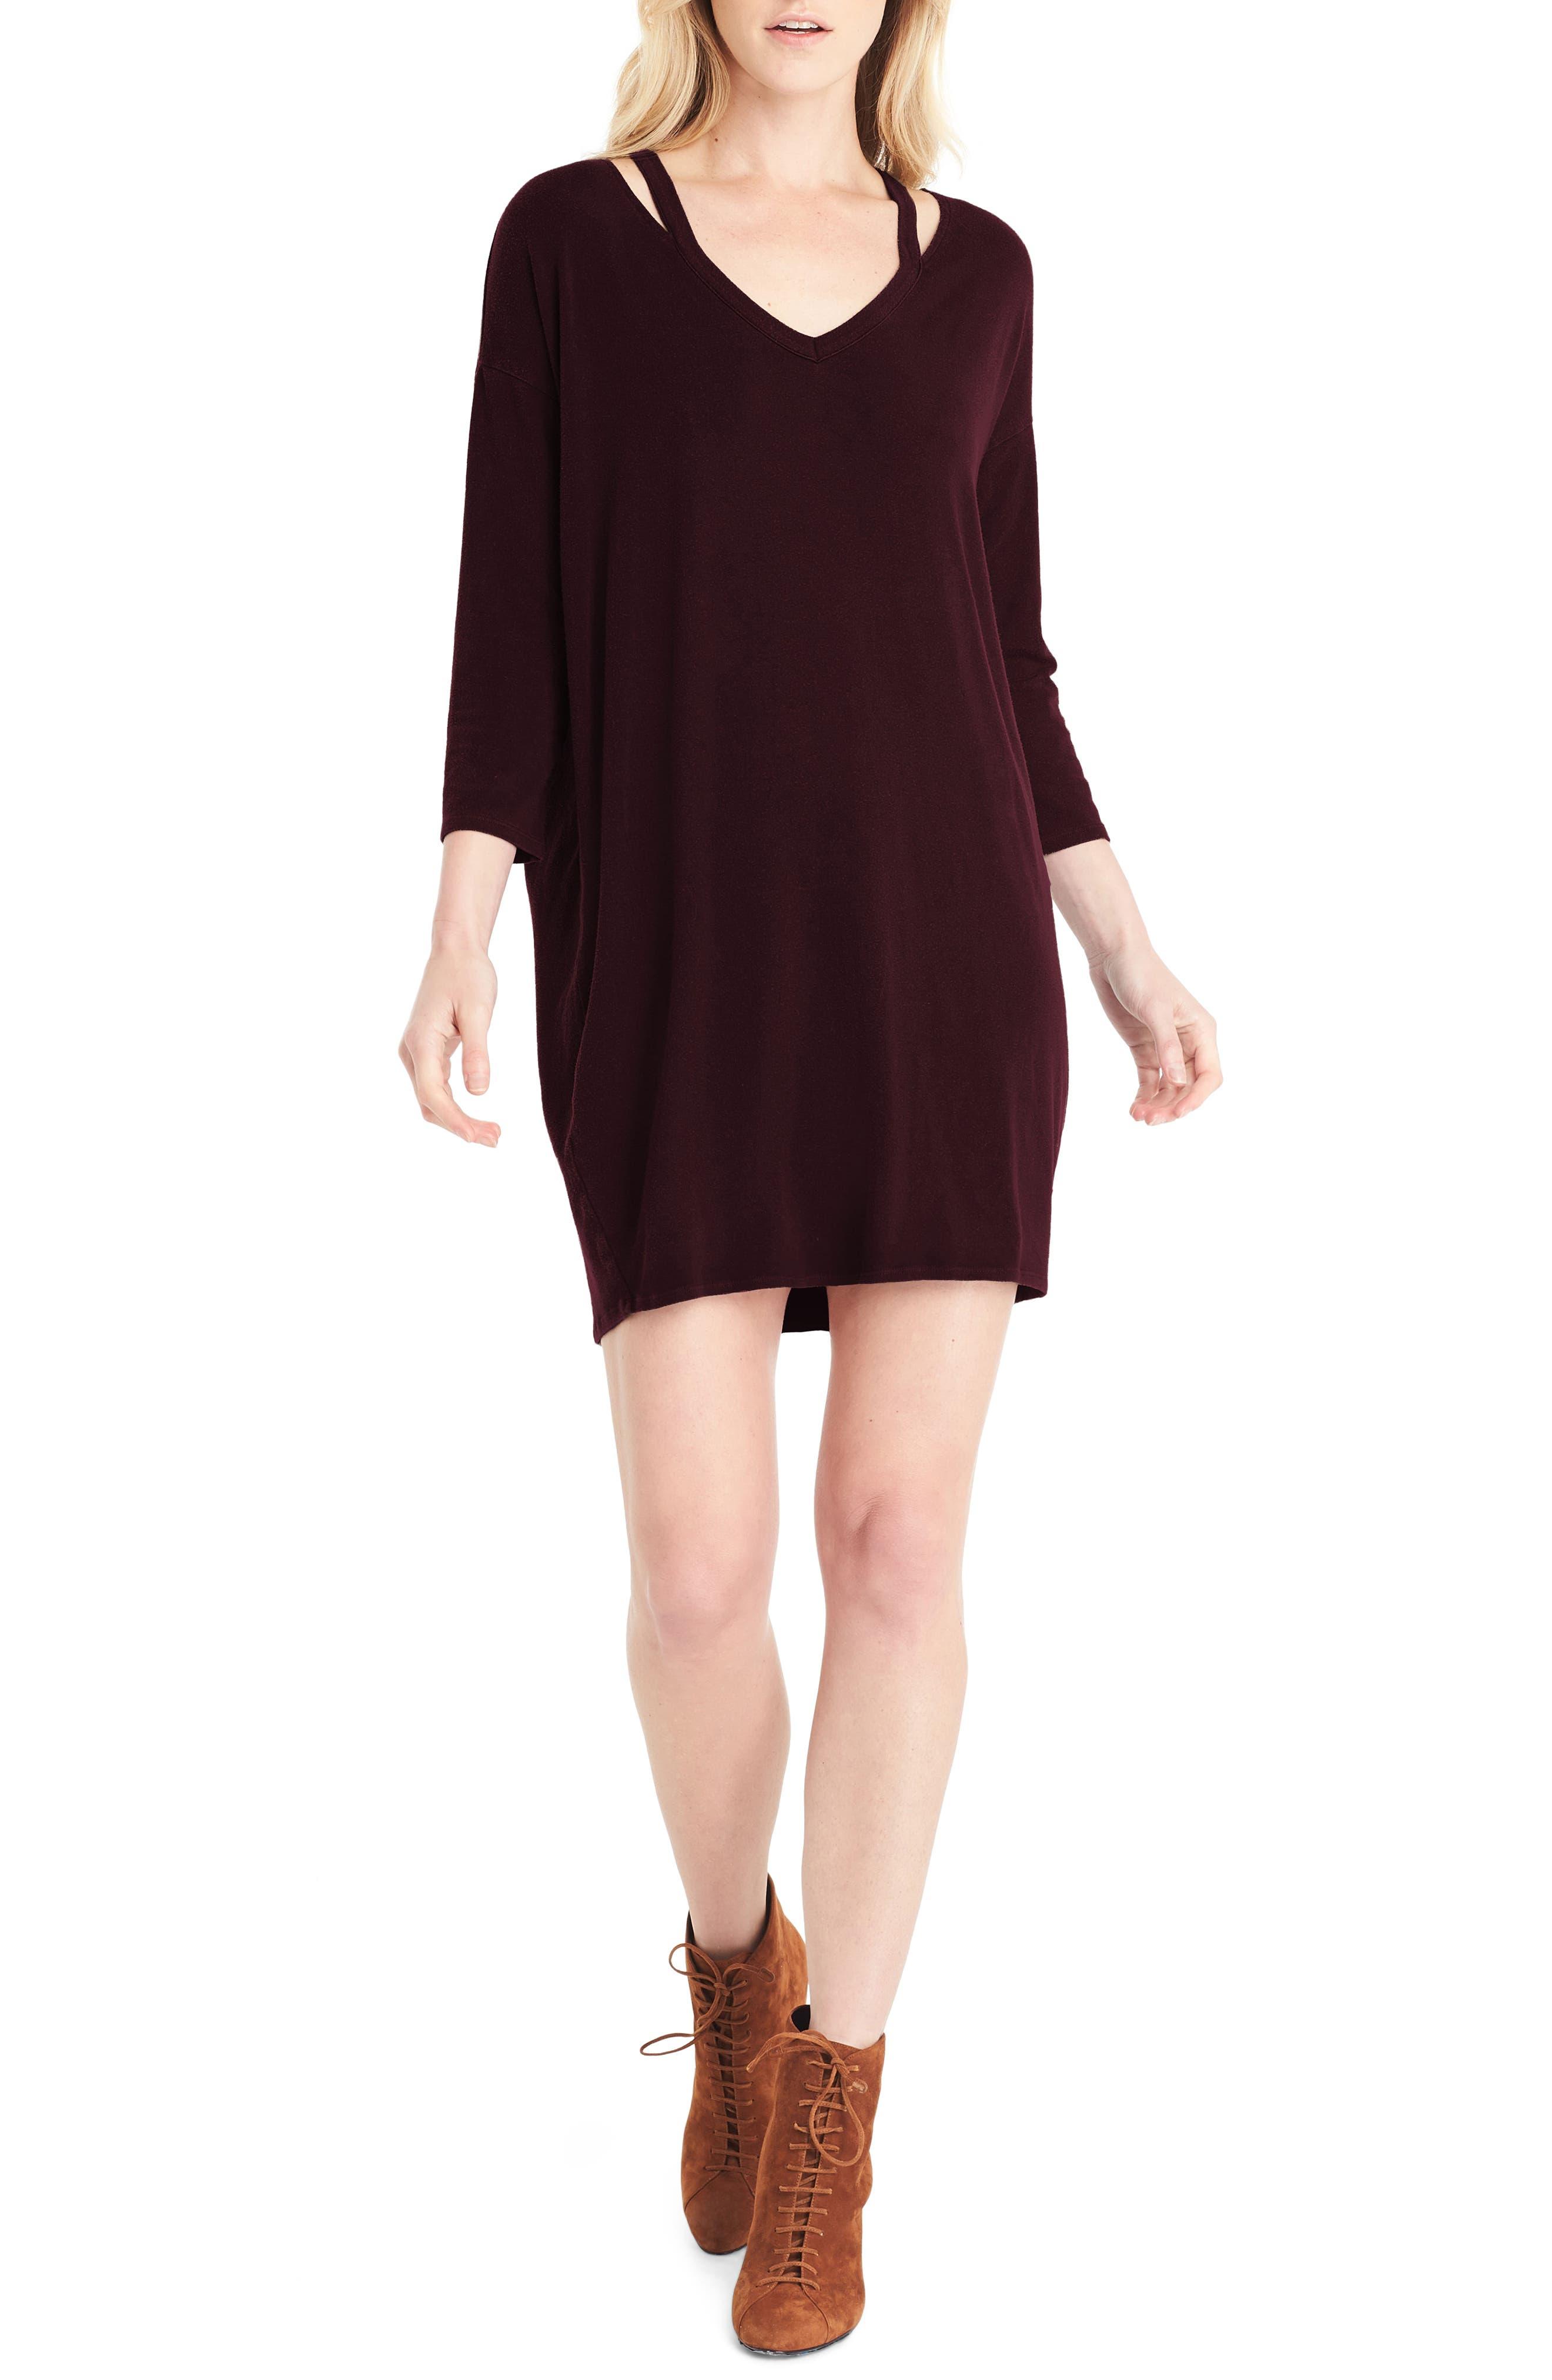 Alternate Image 1 Selected - Michael Stars Slit Shoulder V-Neck Dress